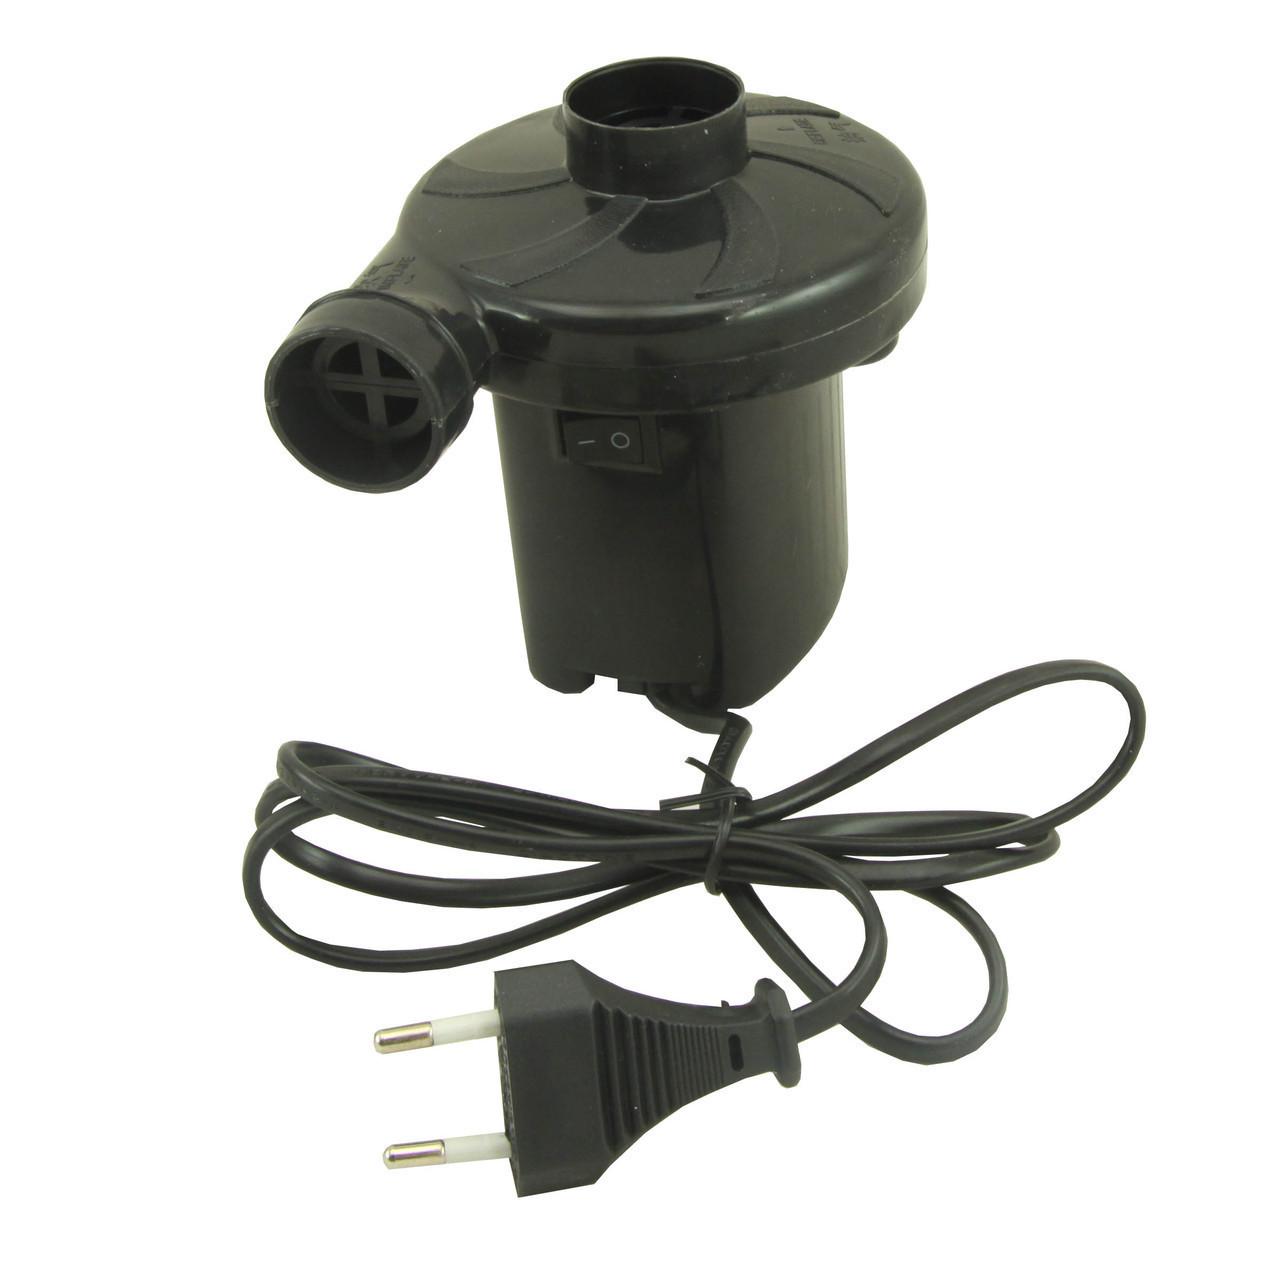 Электрический насос Air Pomp 205 220v для надувных матрасов